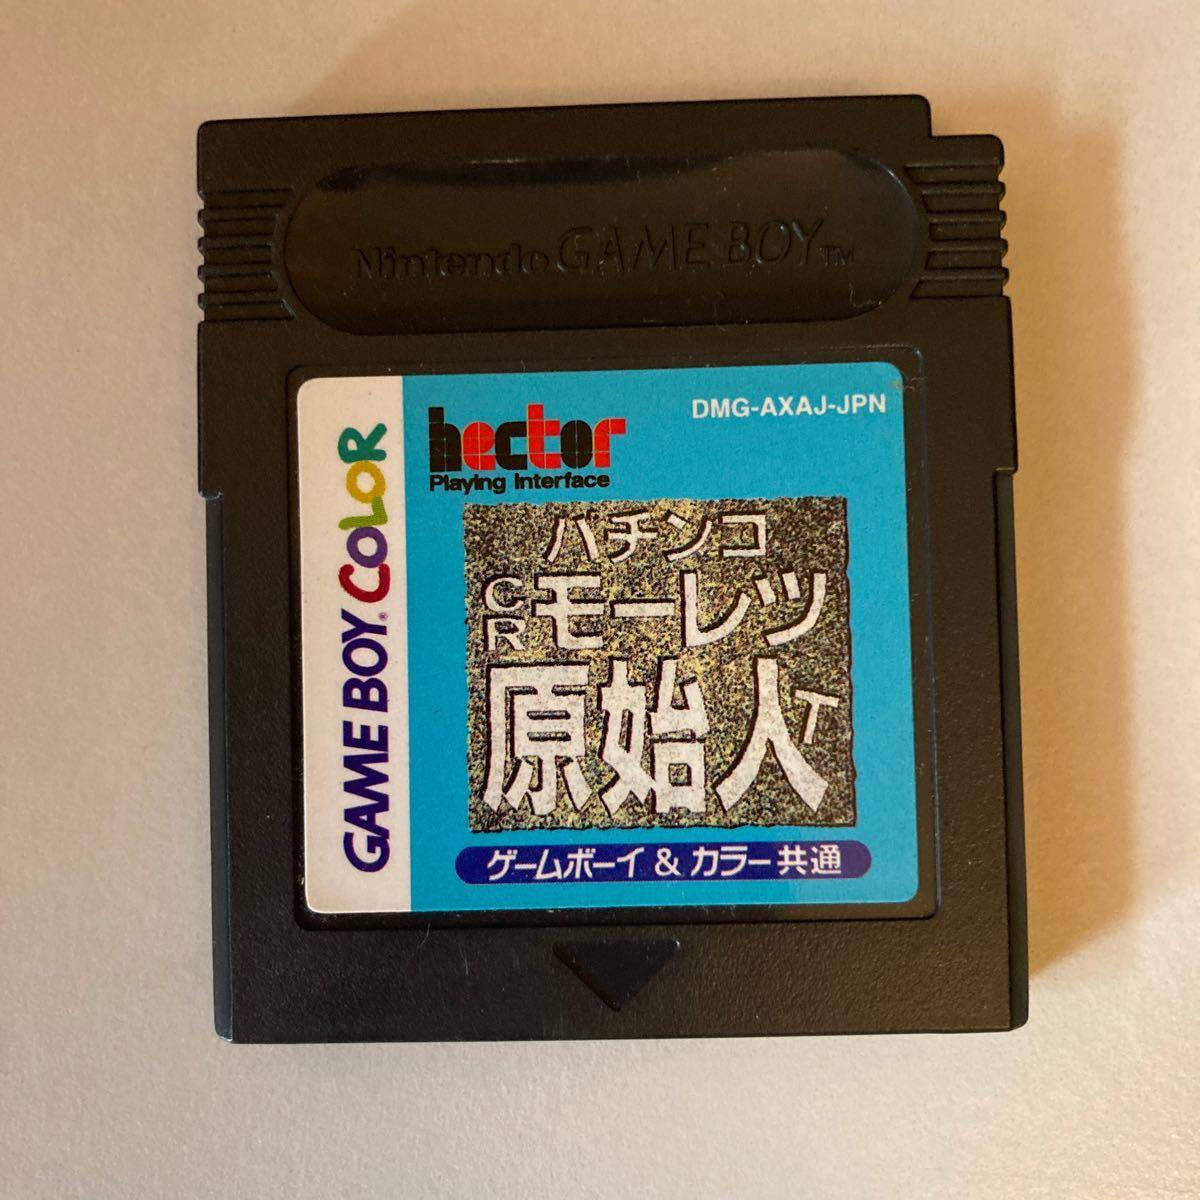 ゲームボーイ ソフト3本セット